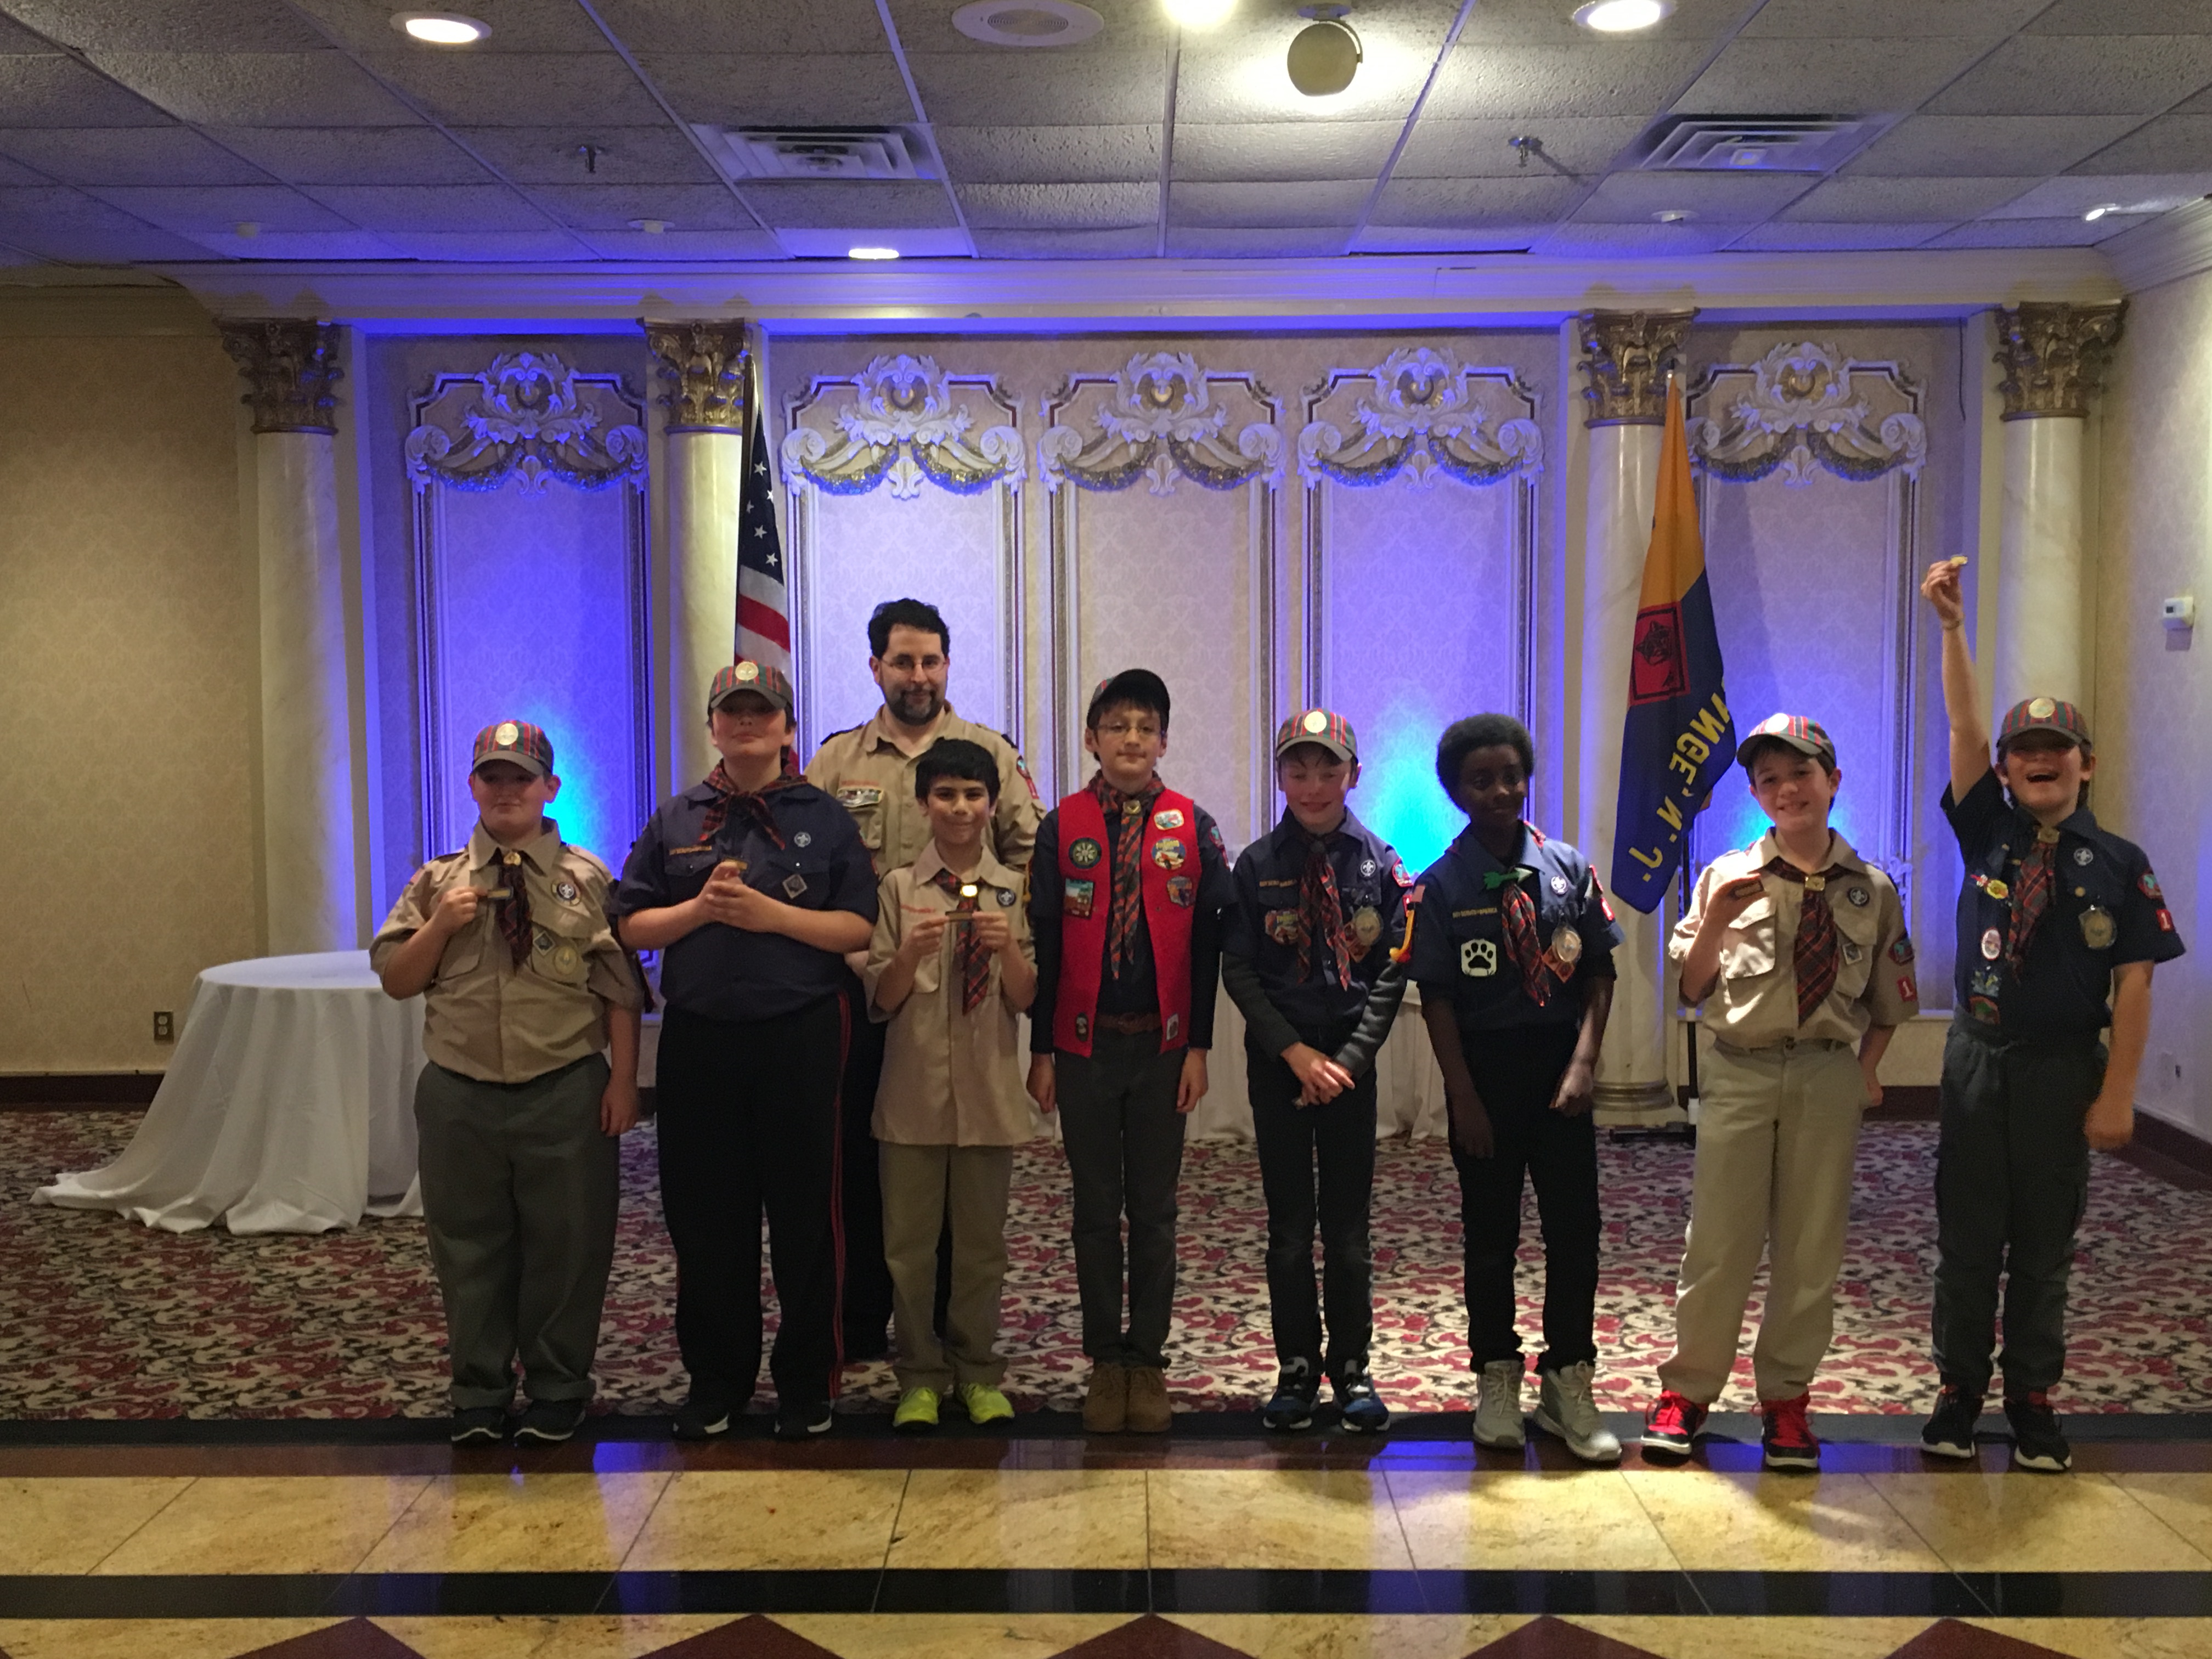 437f3608b2fdf6611884_f2a2f2209e4ed6265e43_Cub_Scouts_Pack_107_Congratulates_Weblos_in_Boy_Scout_Moving_Up_Ceremony.jpg